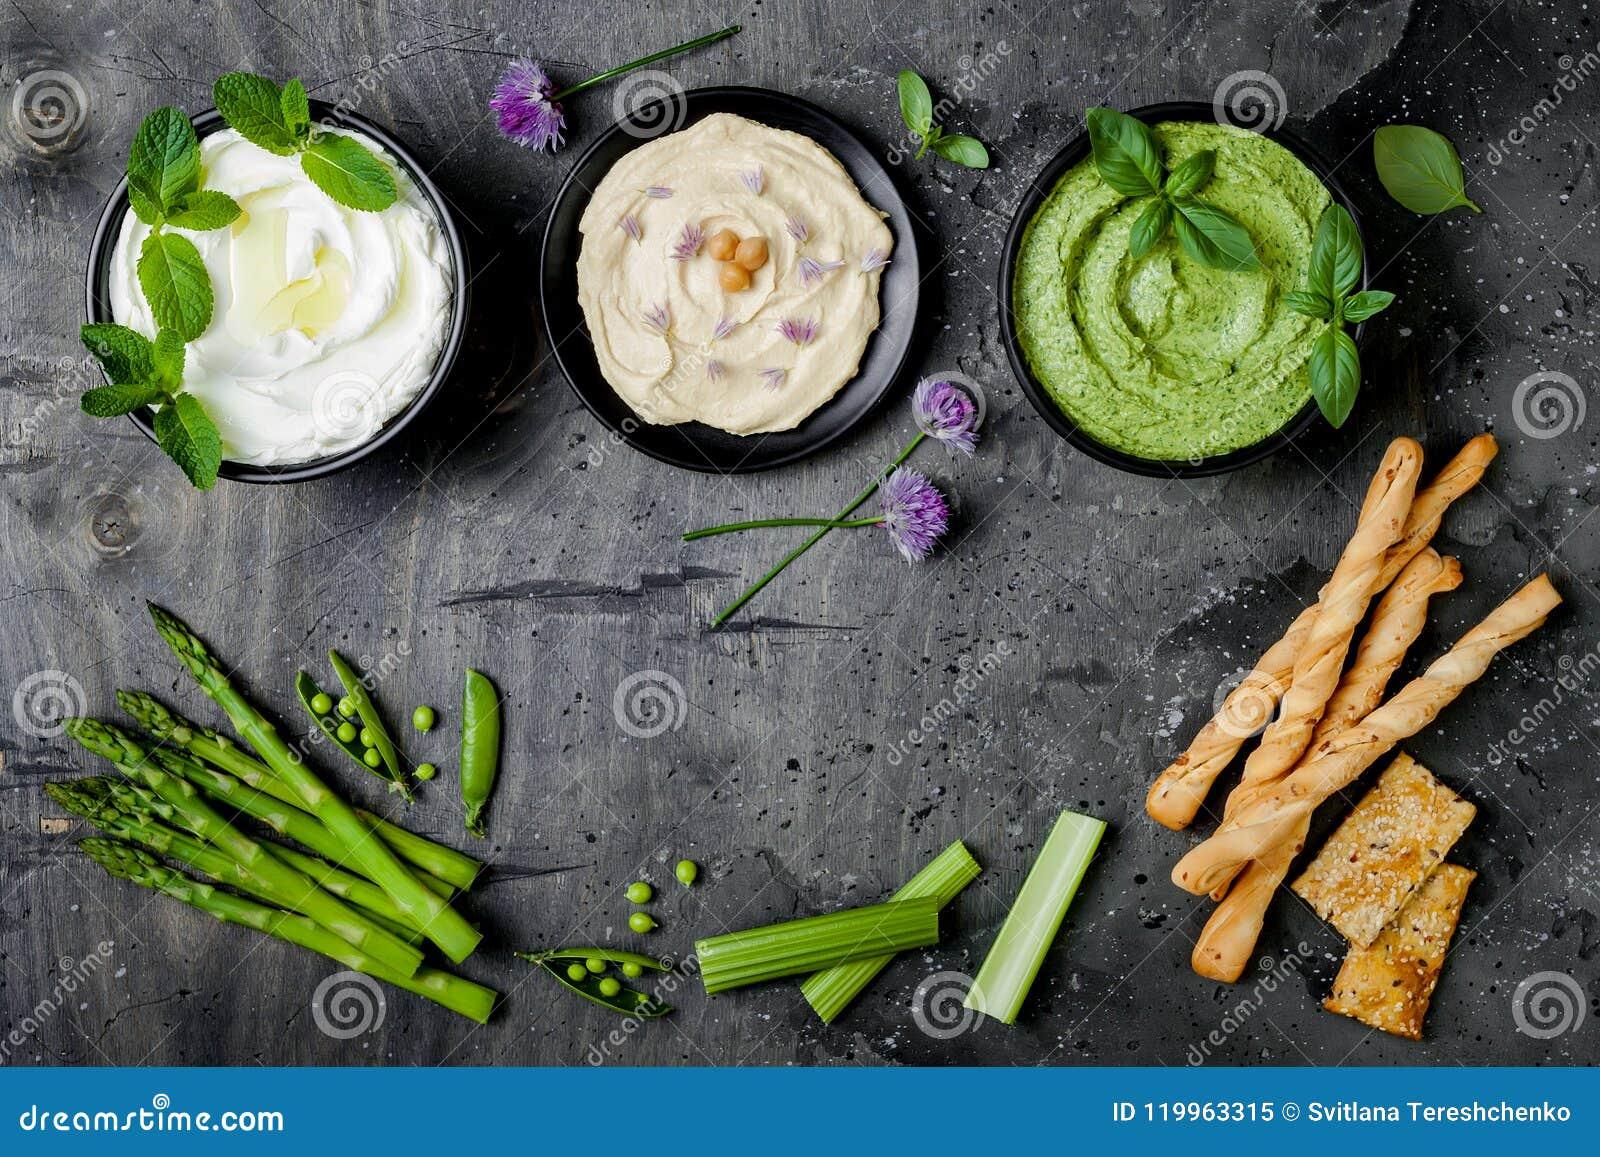 Rått mellanmålbräde för gröna grönsaker med olika dopp Yoghurtsås eller labneh, hummus, örthummus eller pesto med smällare, griss